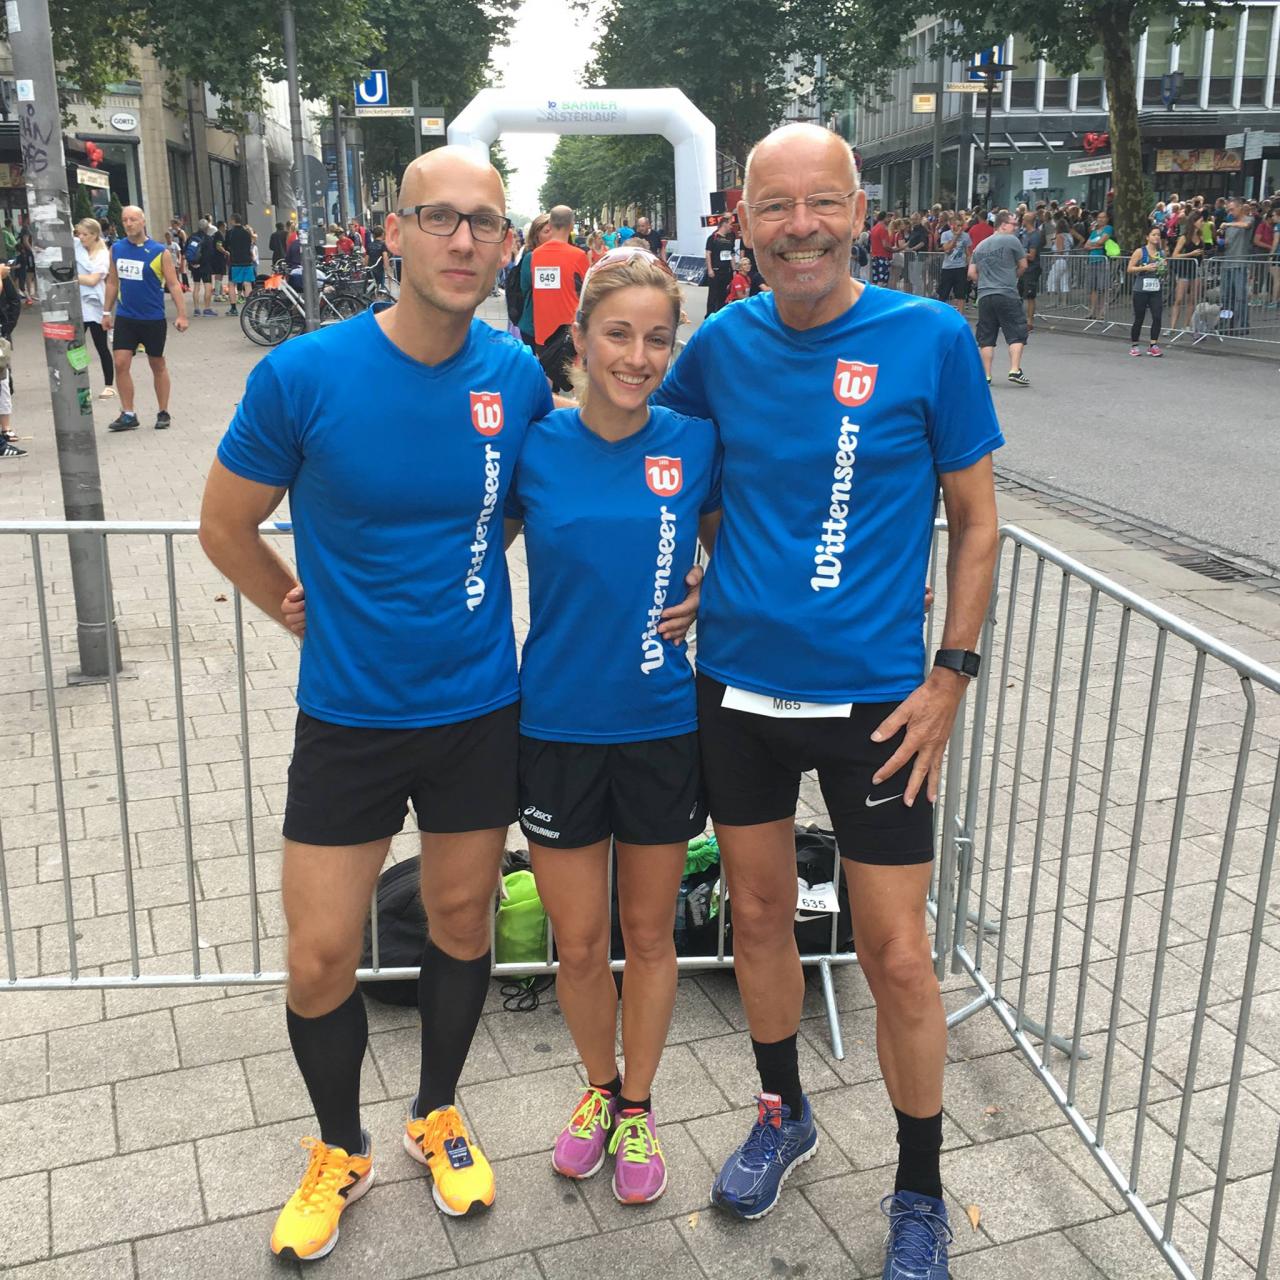 30.10.2016 Frankfurt Marathon – Marathon #1 eine neue Herausforderung ruft